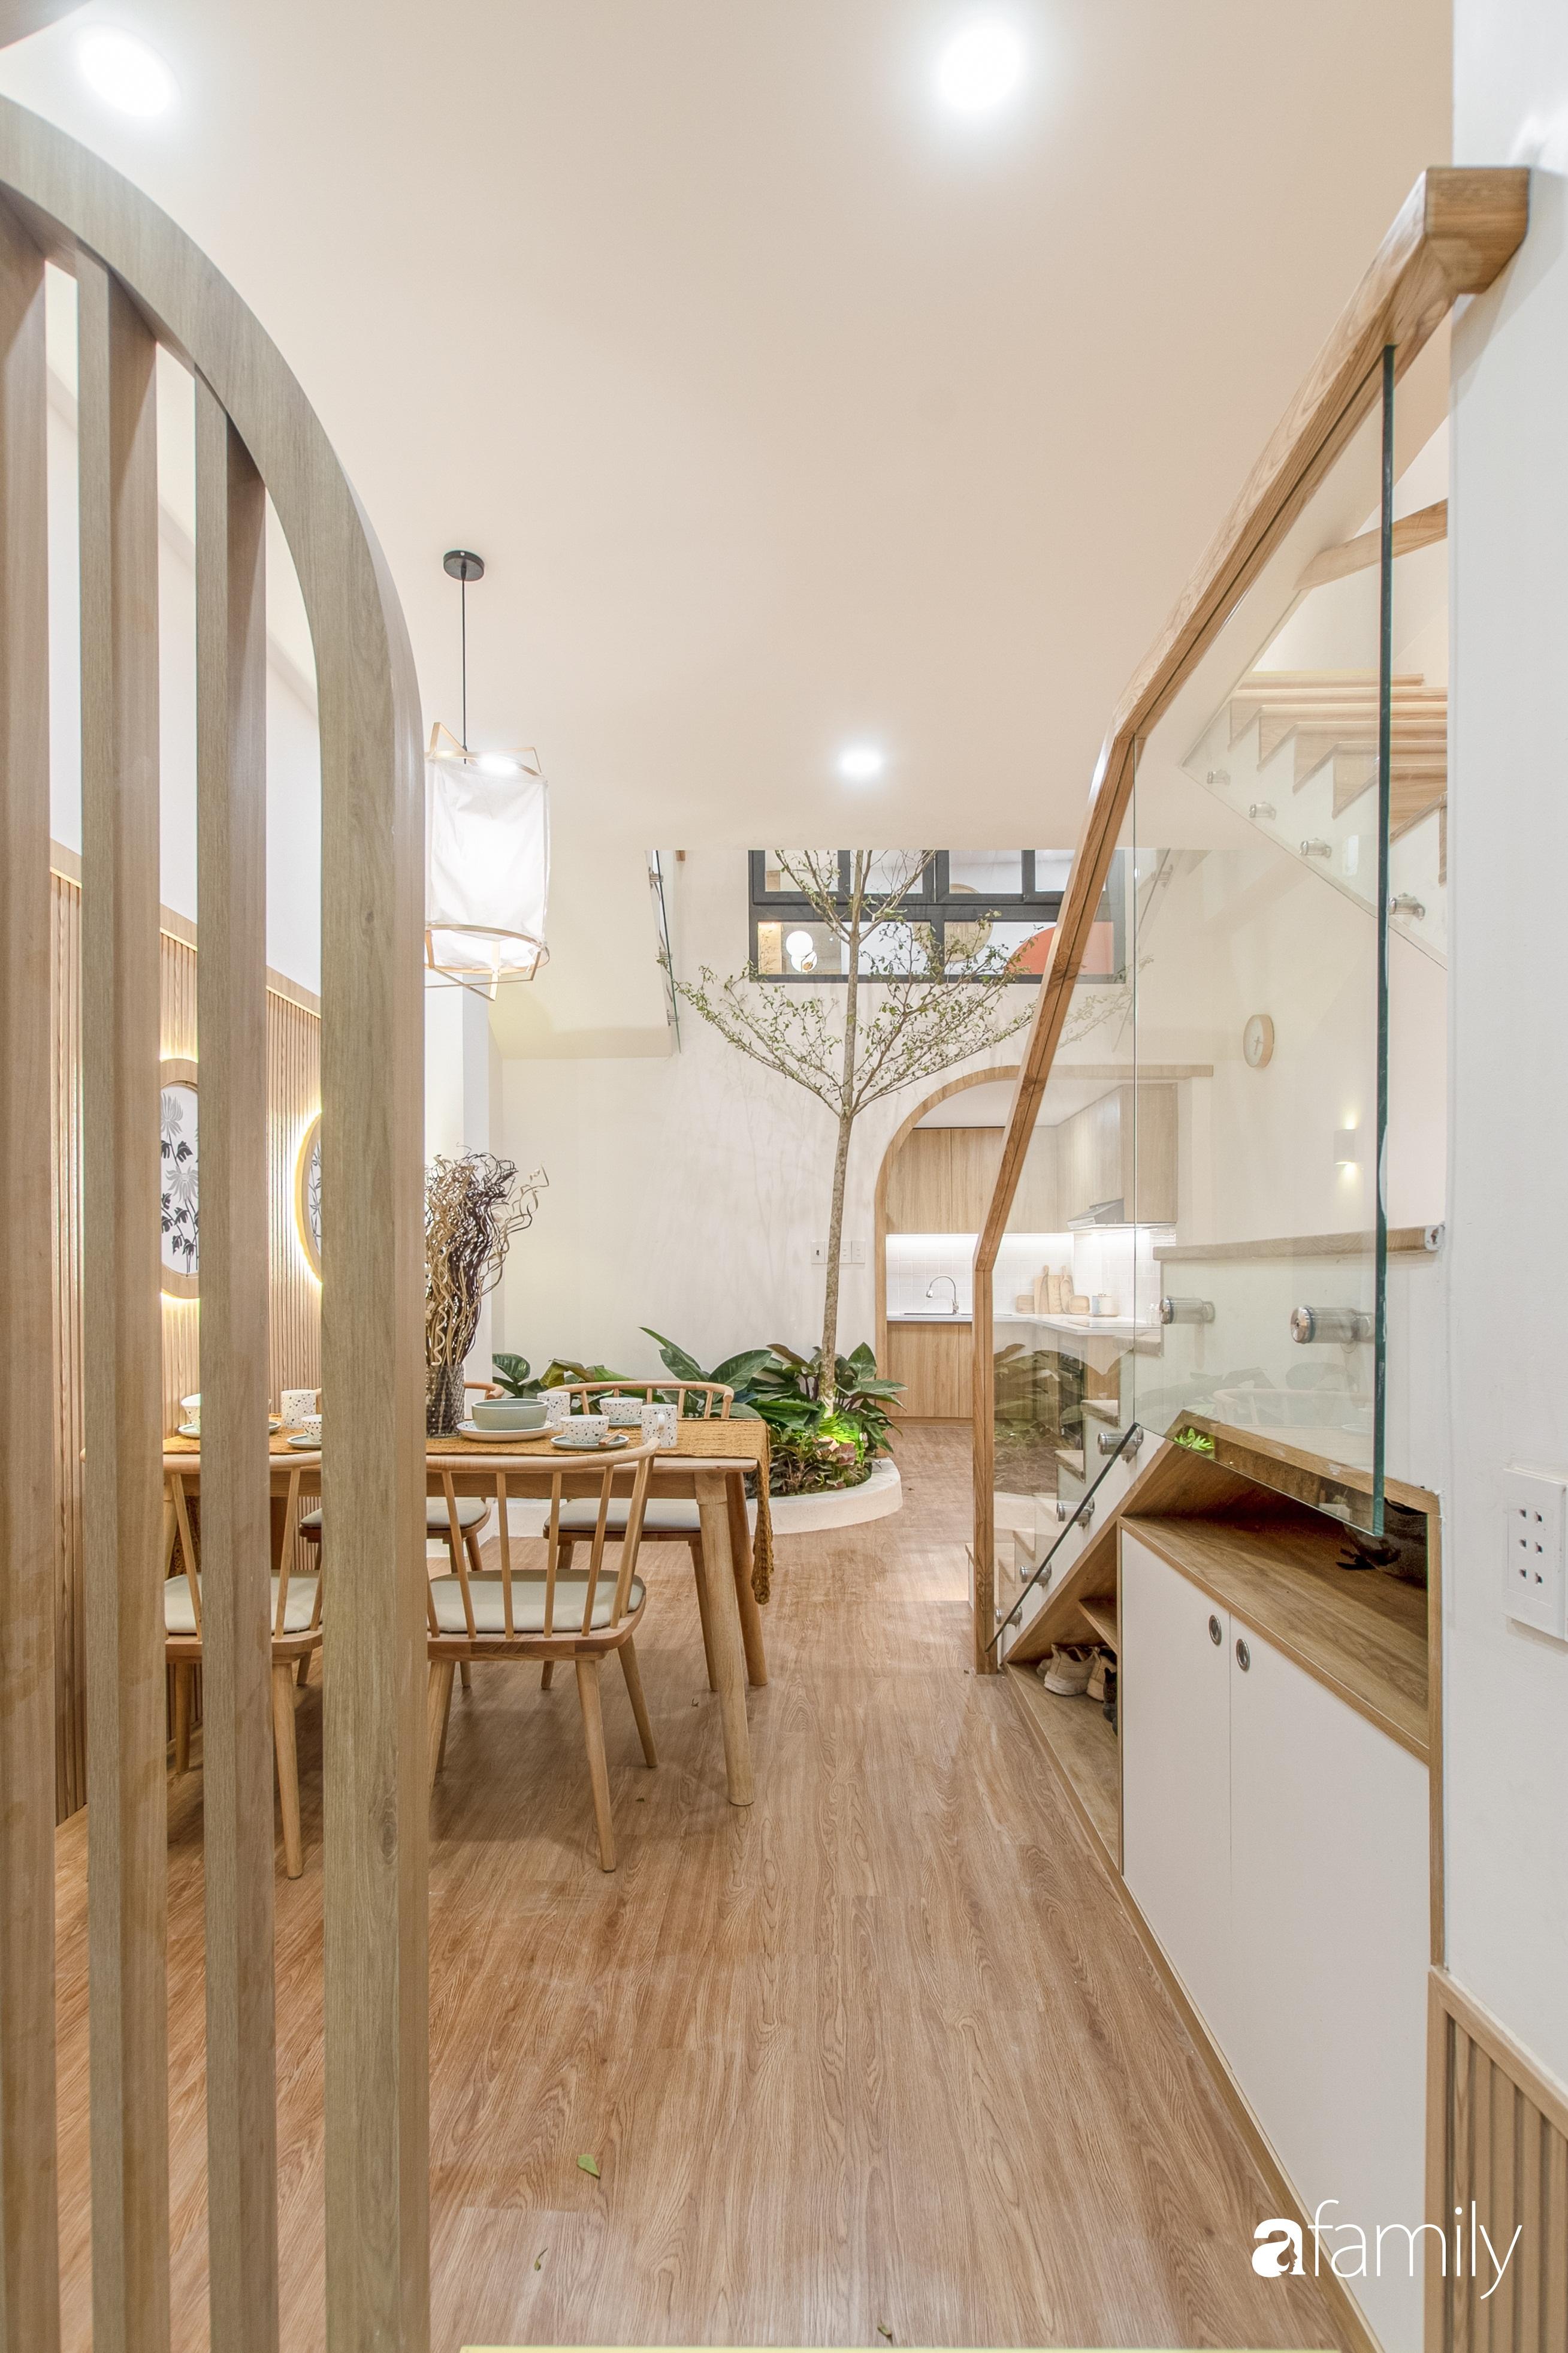 Con trai cải tạo nhà phố hư hỏng nặng thành không gian đậm phong cách Nhật cho bố mẹ an hưởng tuổi già - Ảnh 10.